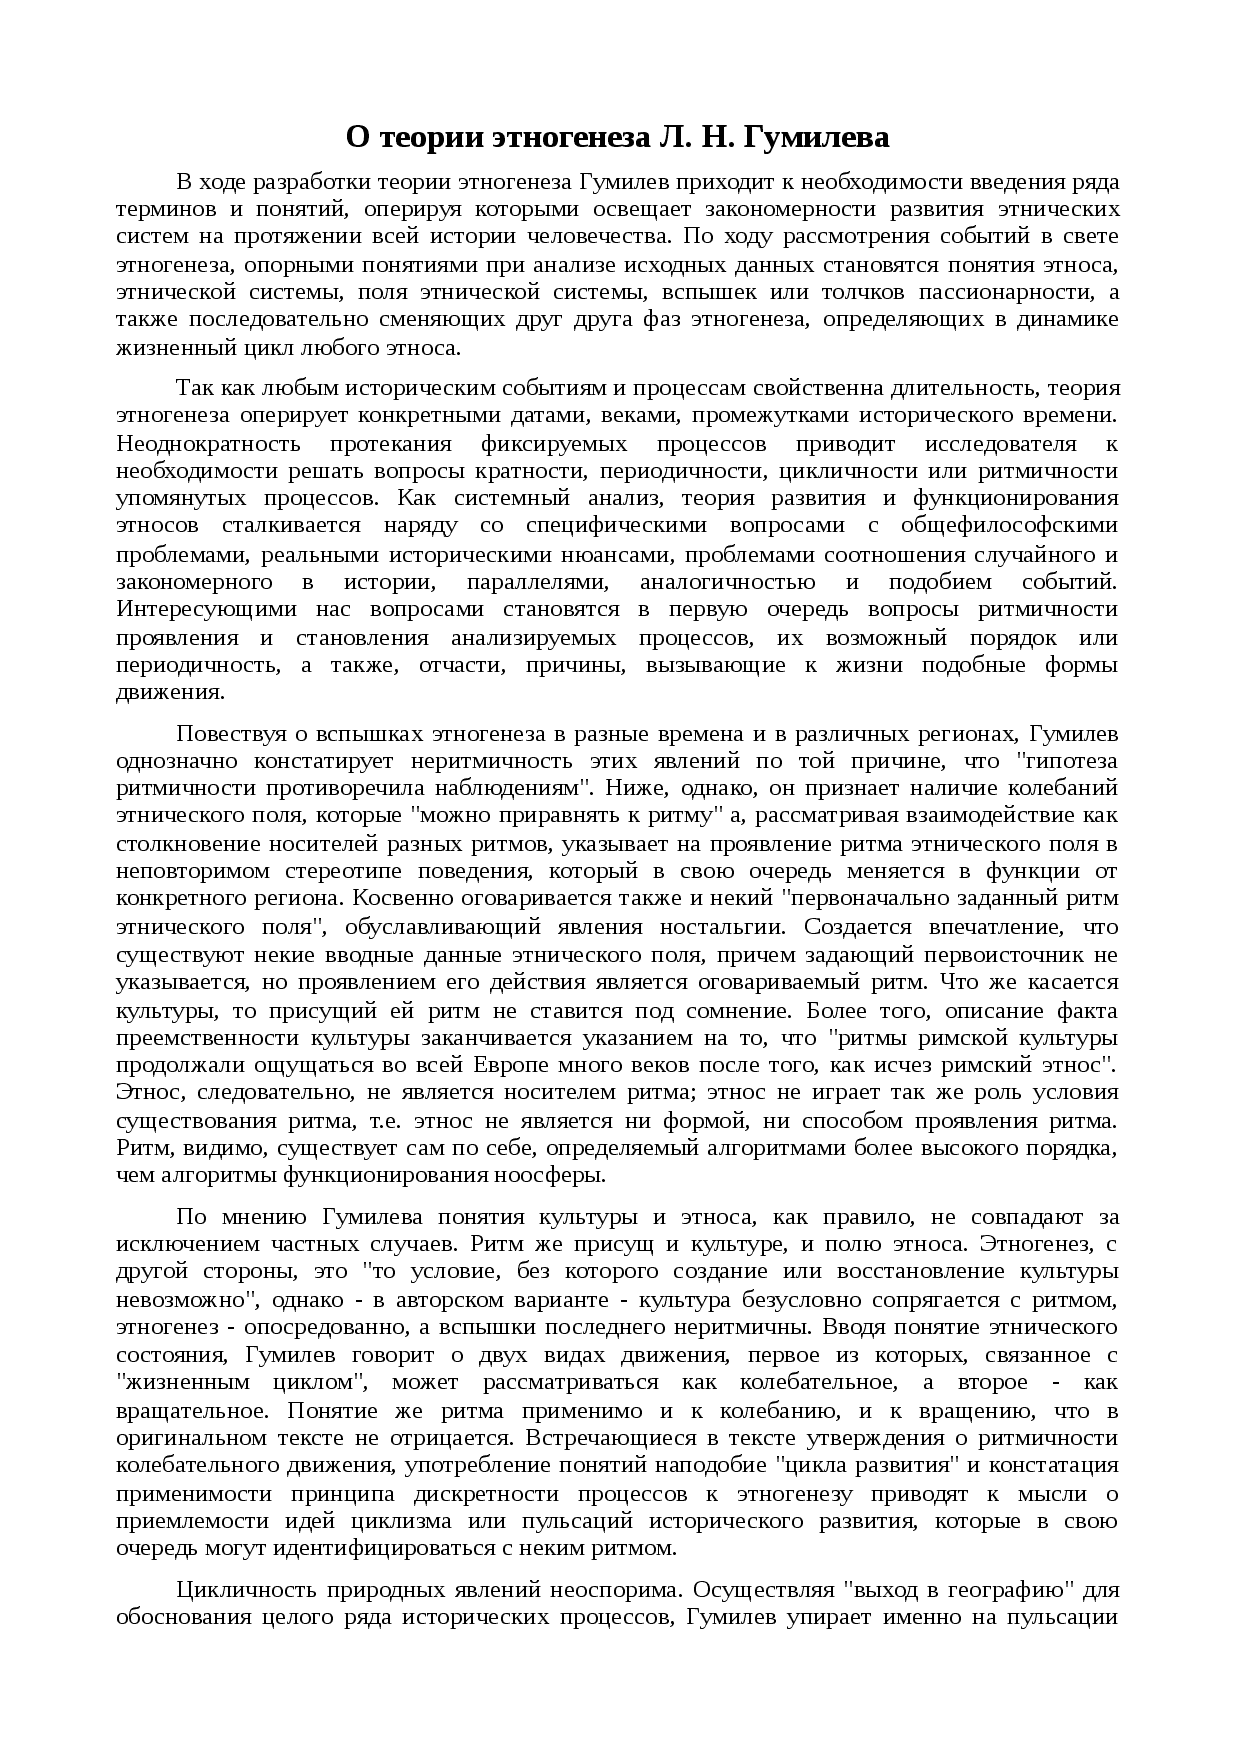 пассионарной теории этногенеза